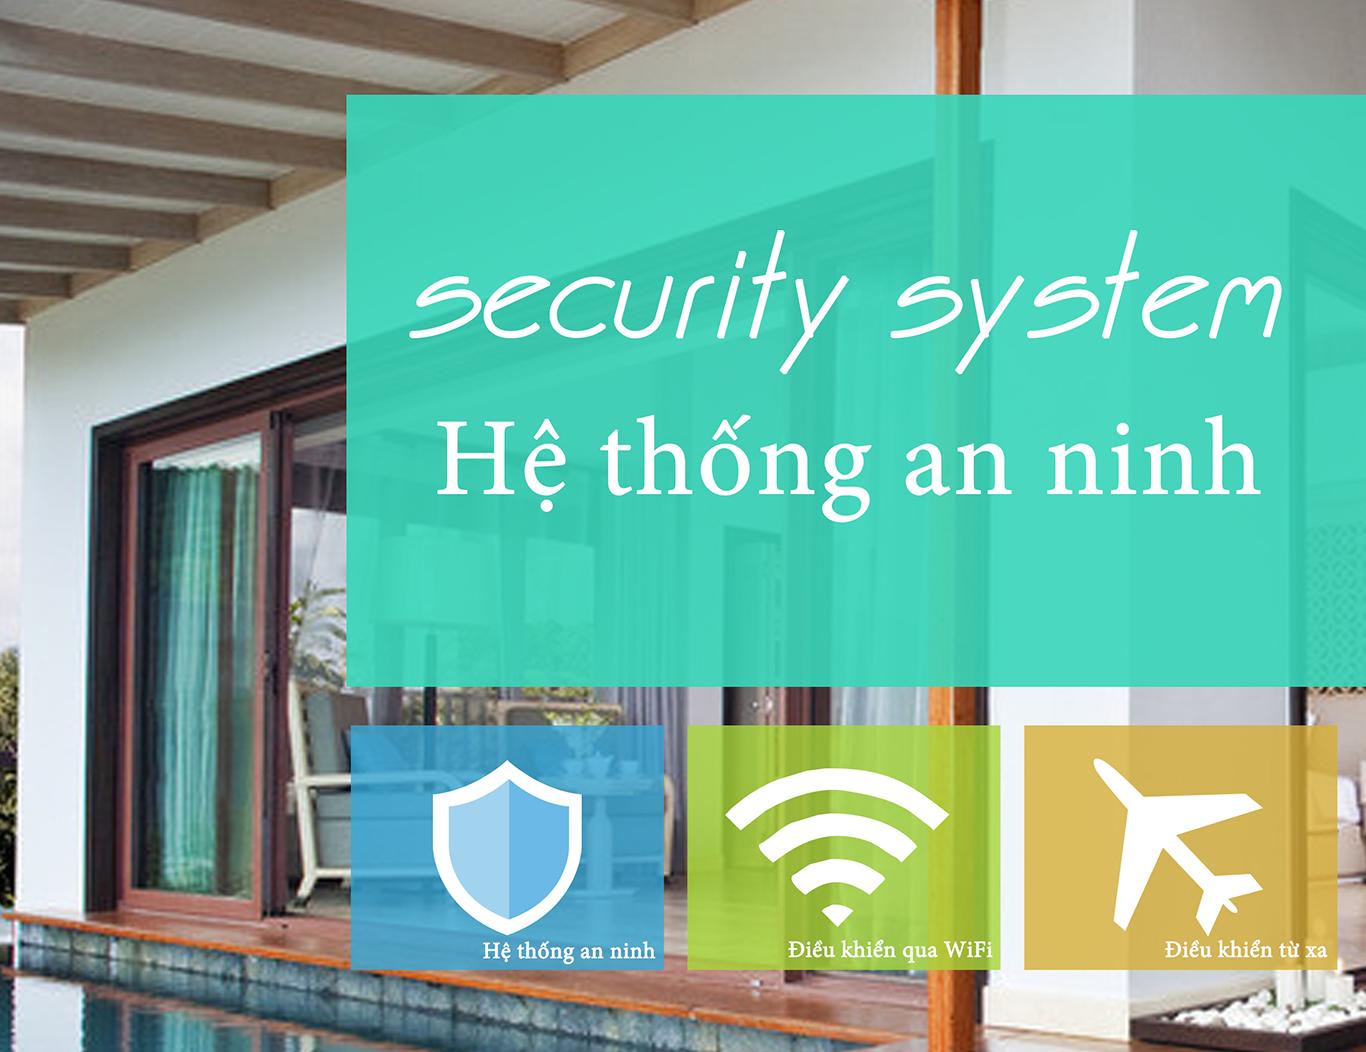 Hệ thống an ninh cho nhà thông minh